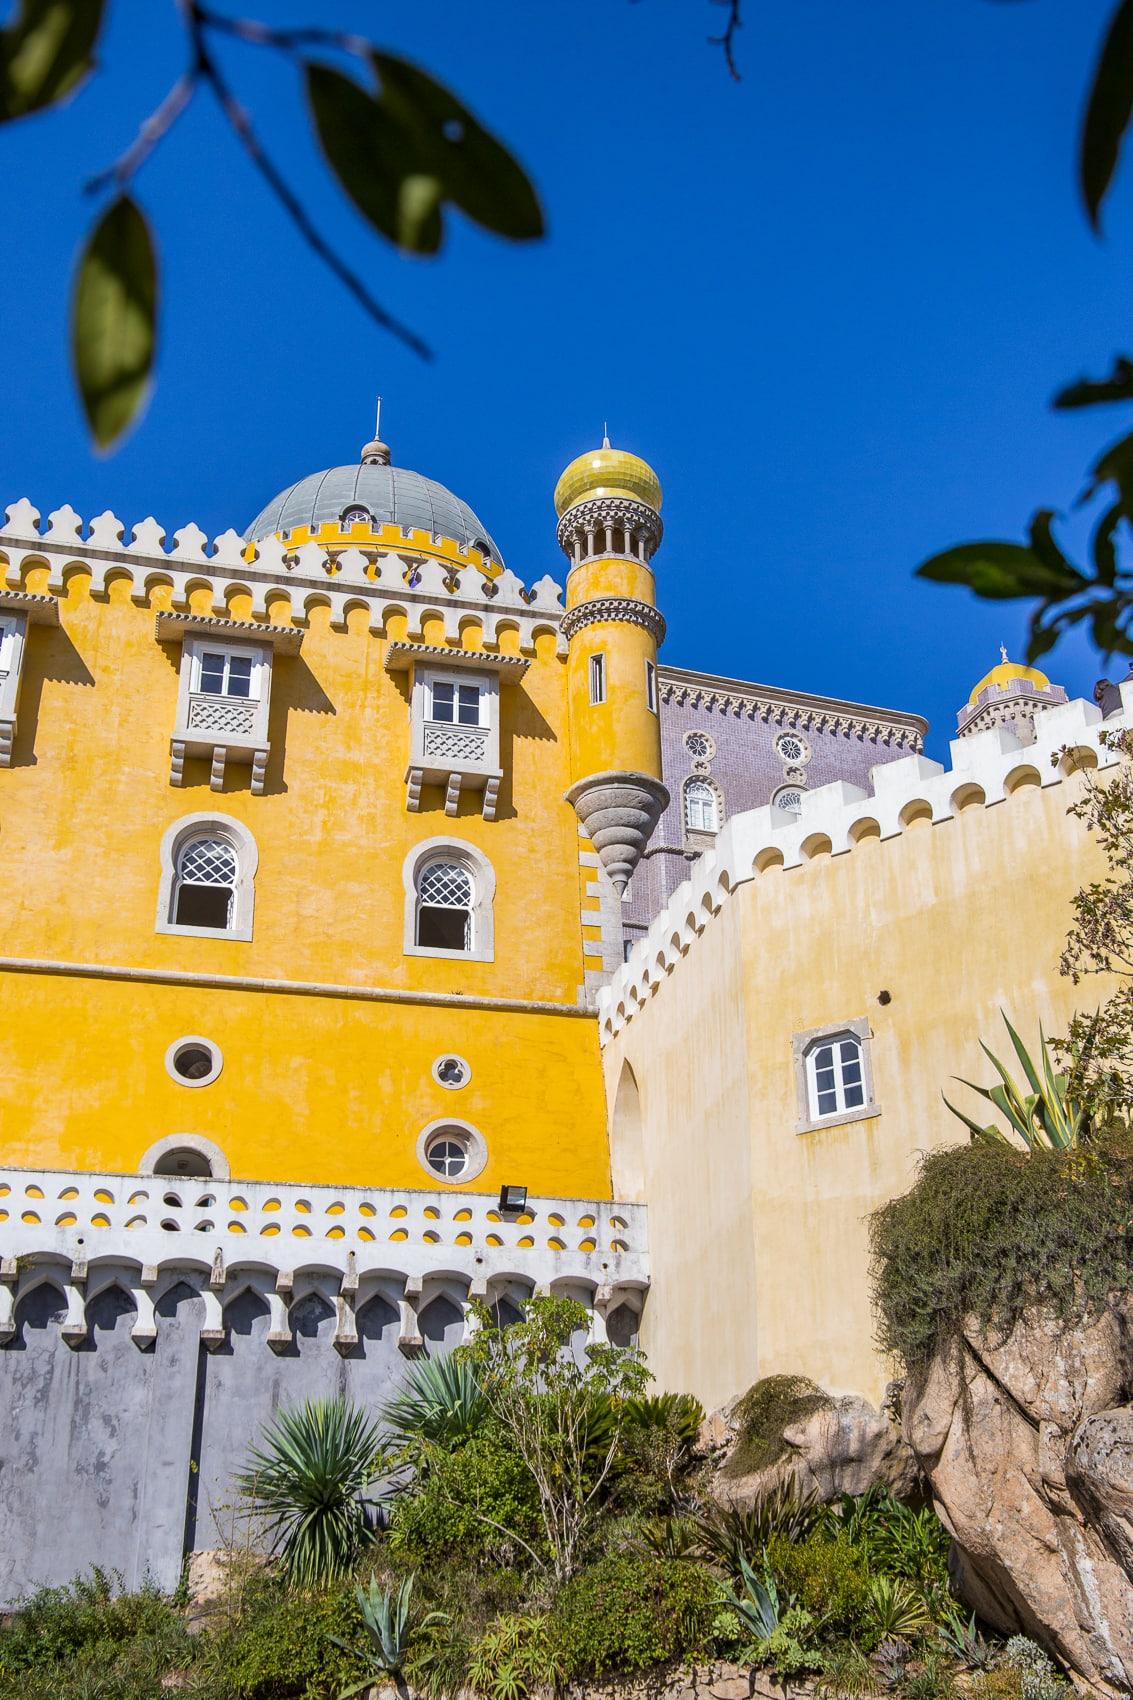 Der perfekte Tagesausflug nach Sintra: Sightseeing- & Restauranttipps